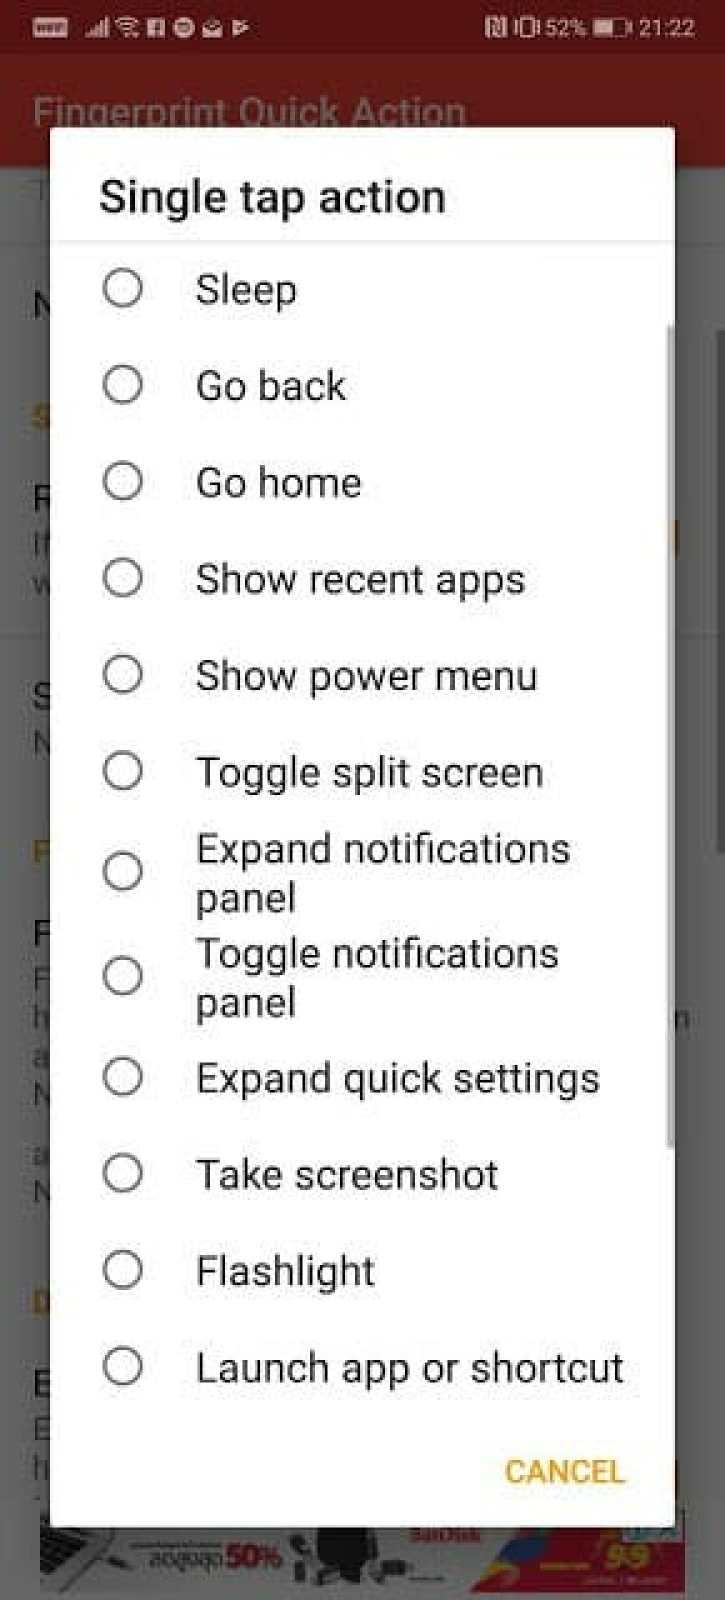 - เพิ่มความสามารถให้เซ็นเซอร์ลายนิ้วมือ ไม่ว่าจะแคปจอ เปิดแอป เปิดแจ้งเตือนก็ทำได้ ด้วยแอป Fingerprint Quick Action